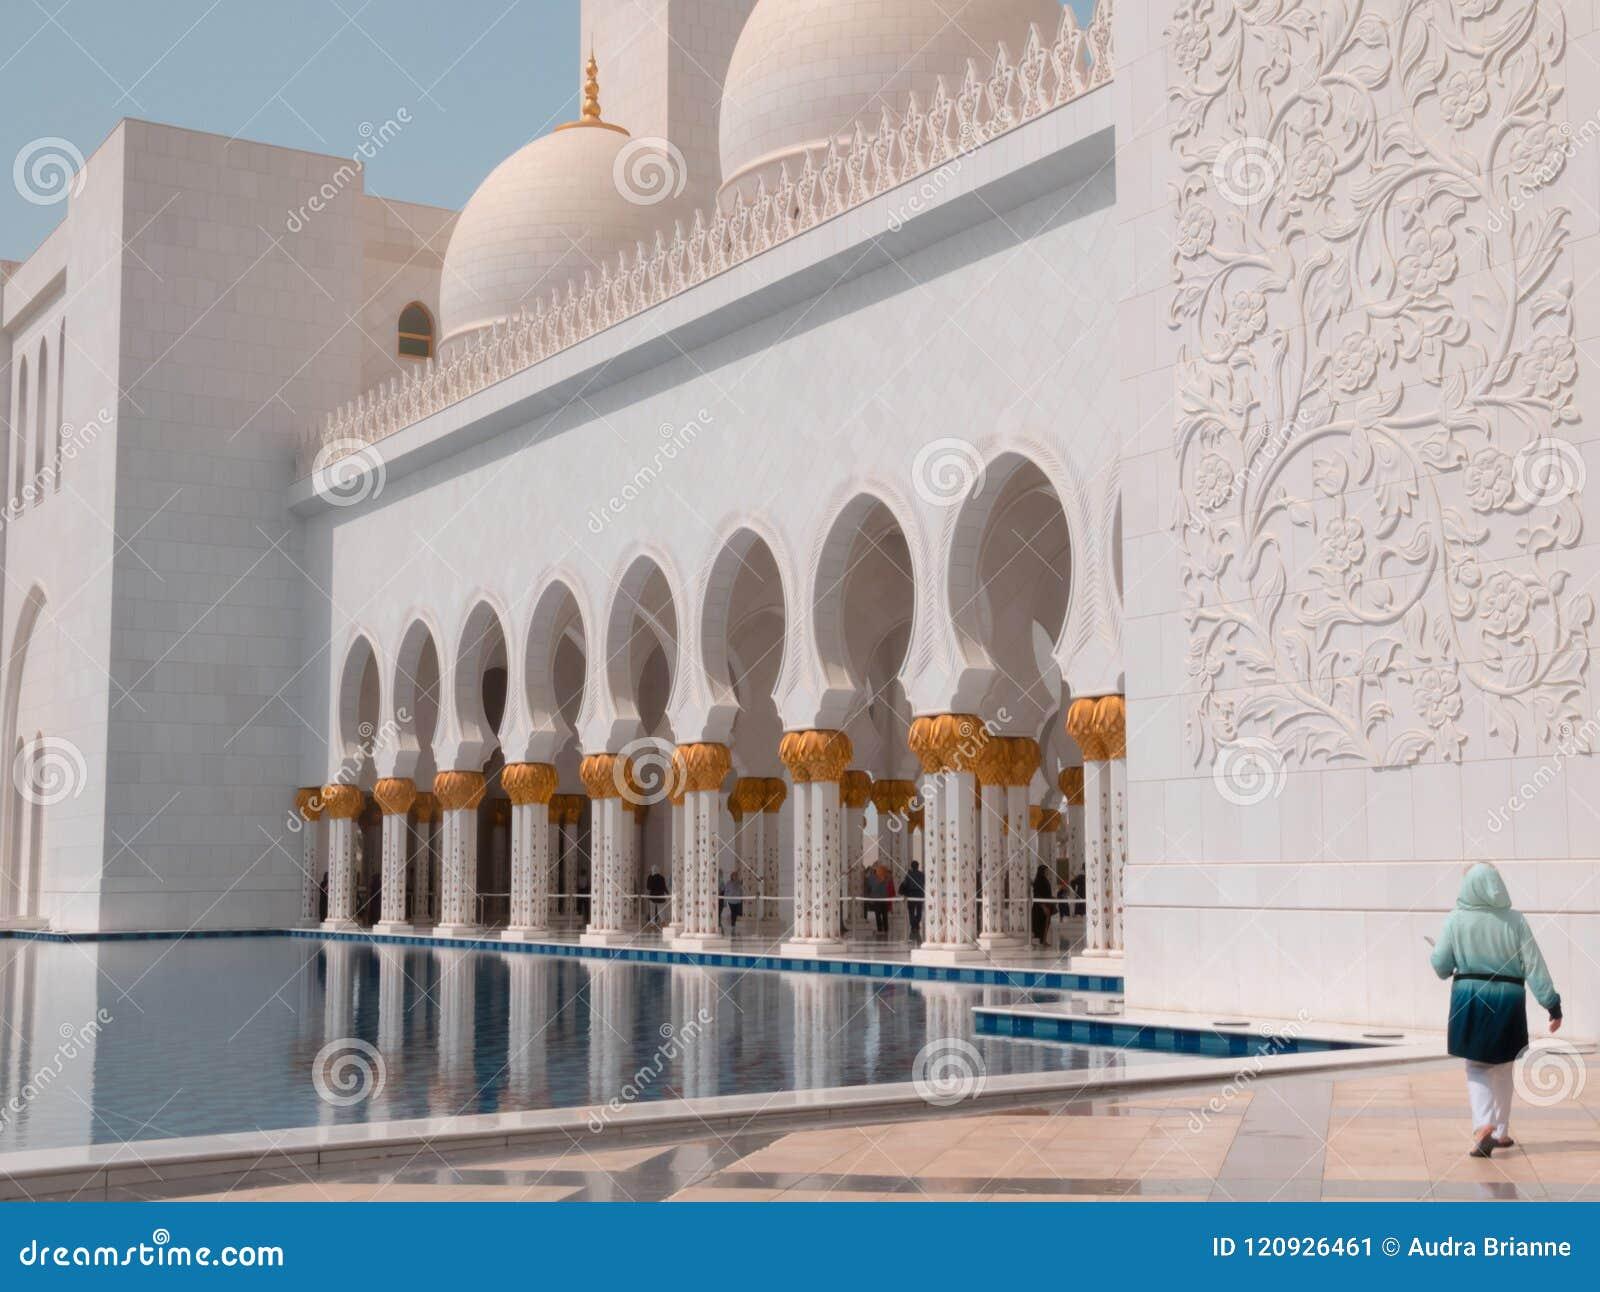 Γυναίκα Sheikh στο μεγάλο μουσουλμανικό τέμενος Zayed στο Αμπού Ντάμπι, Ε.Α.Ε. στη λίμνη αντανάκλασης